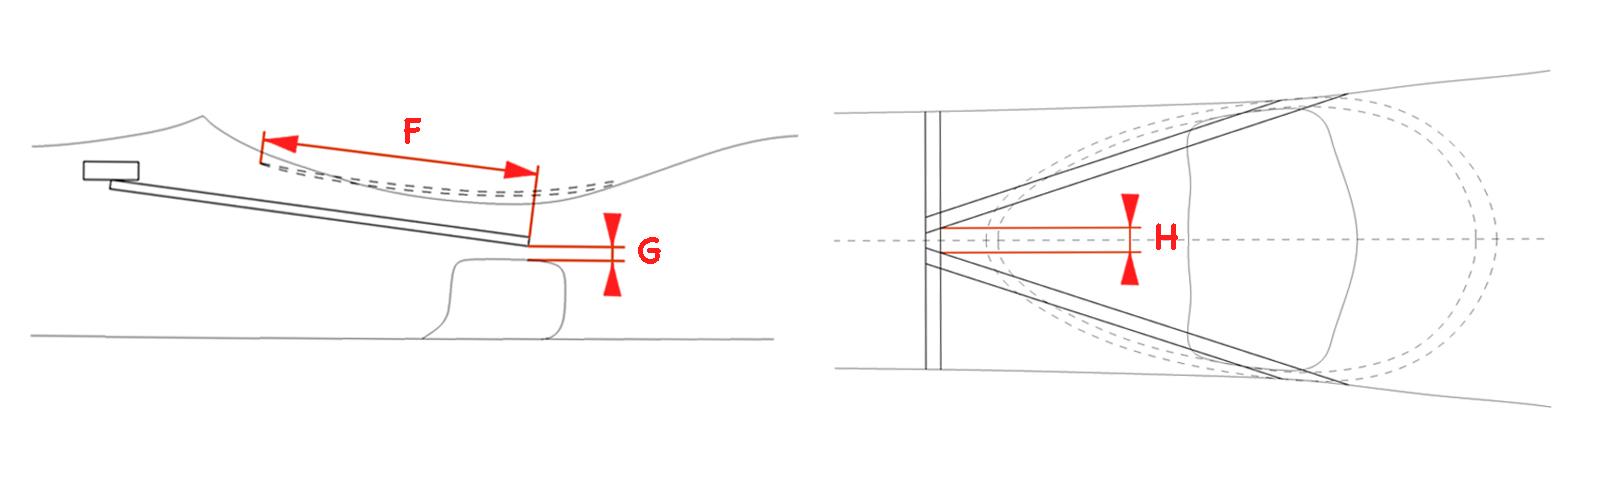 Specifiche Installazione Stecche Premicosce